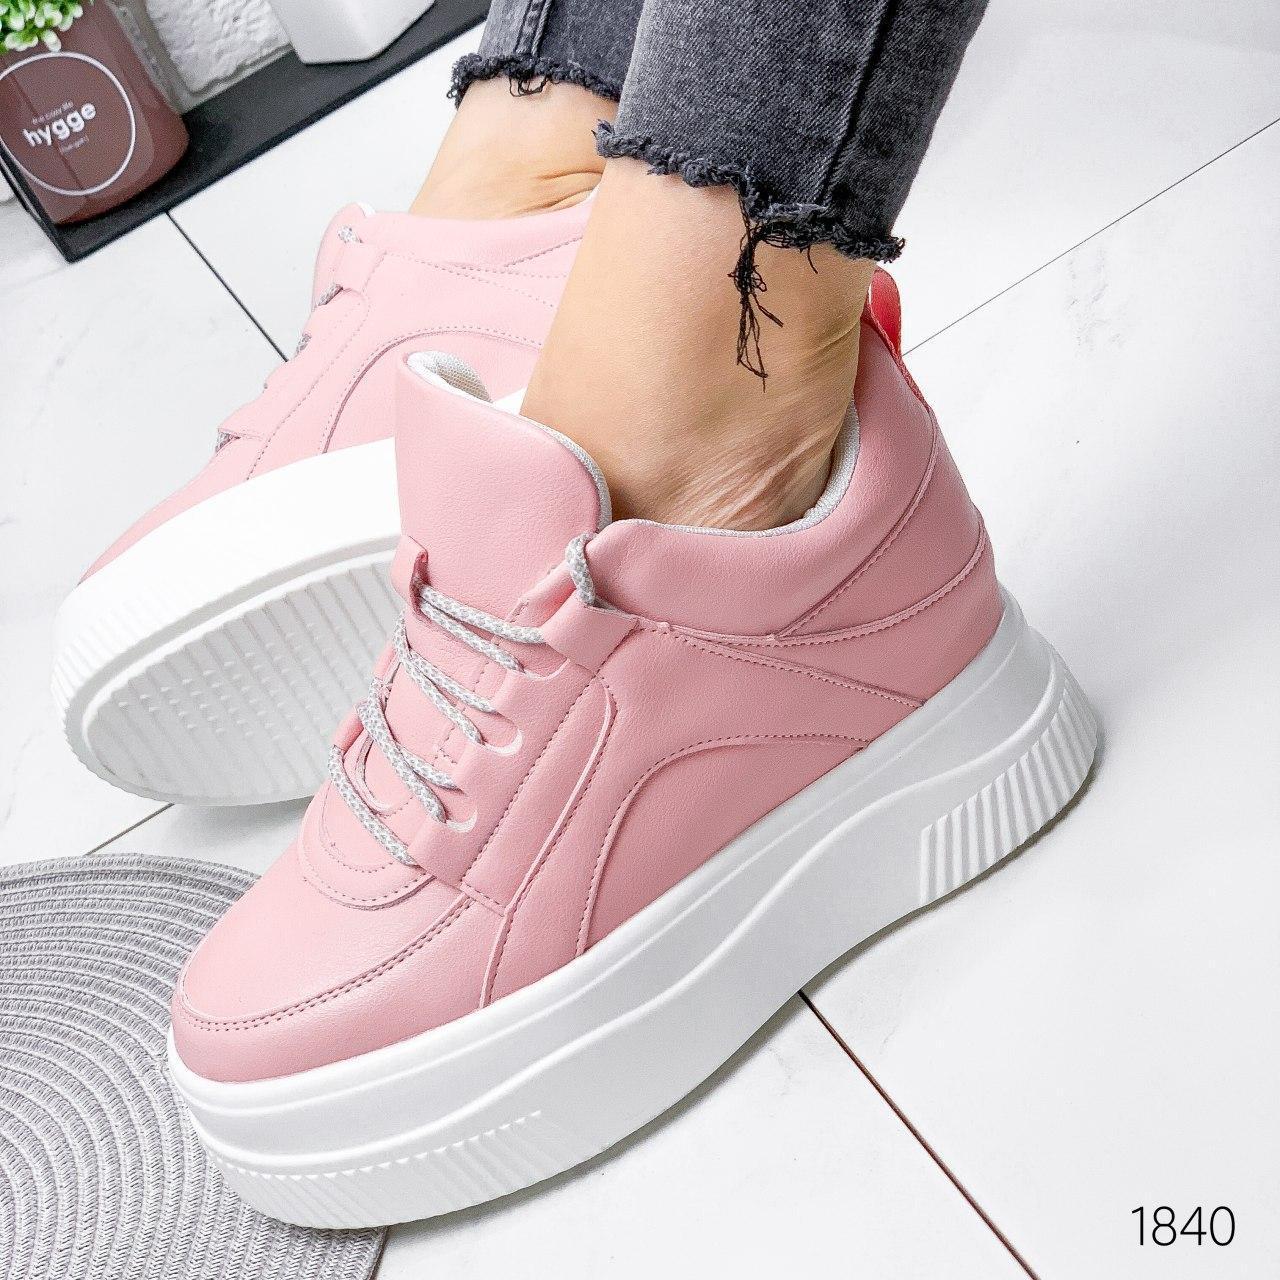 Кроссовки женские розовые на платформе из эко кожи. Кросівки жіночі рожеві на платформі